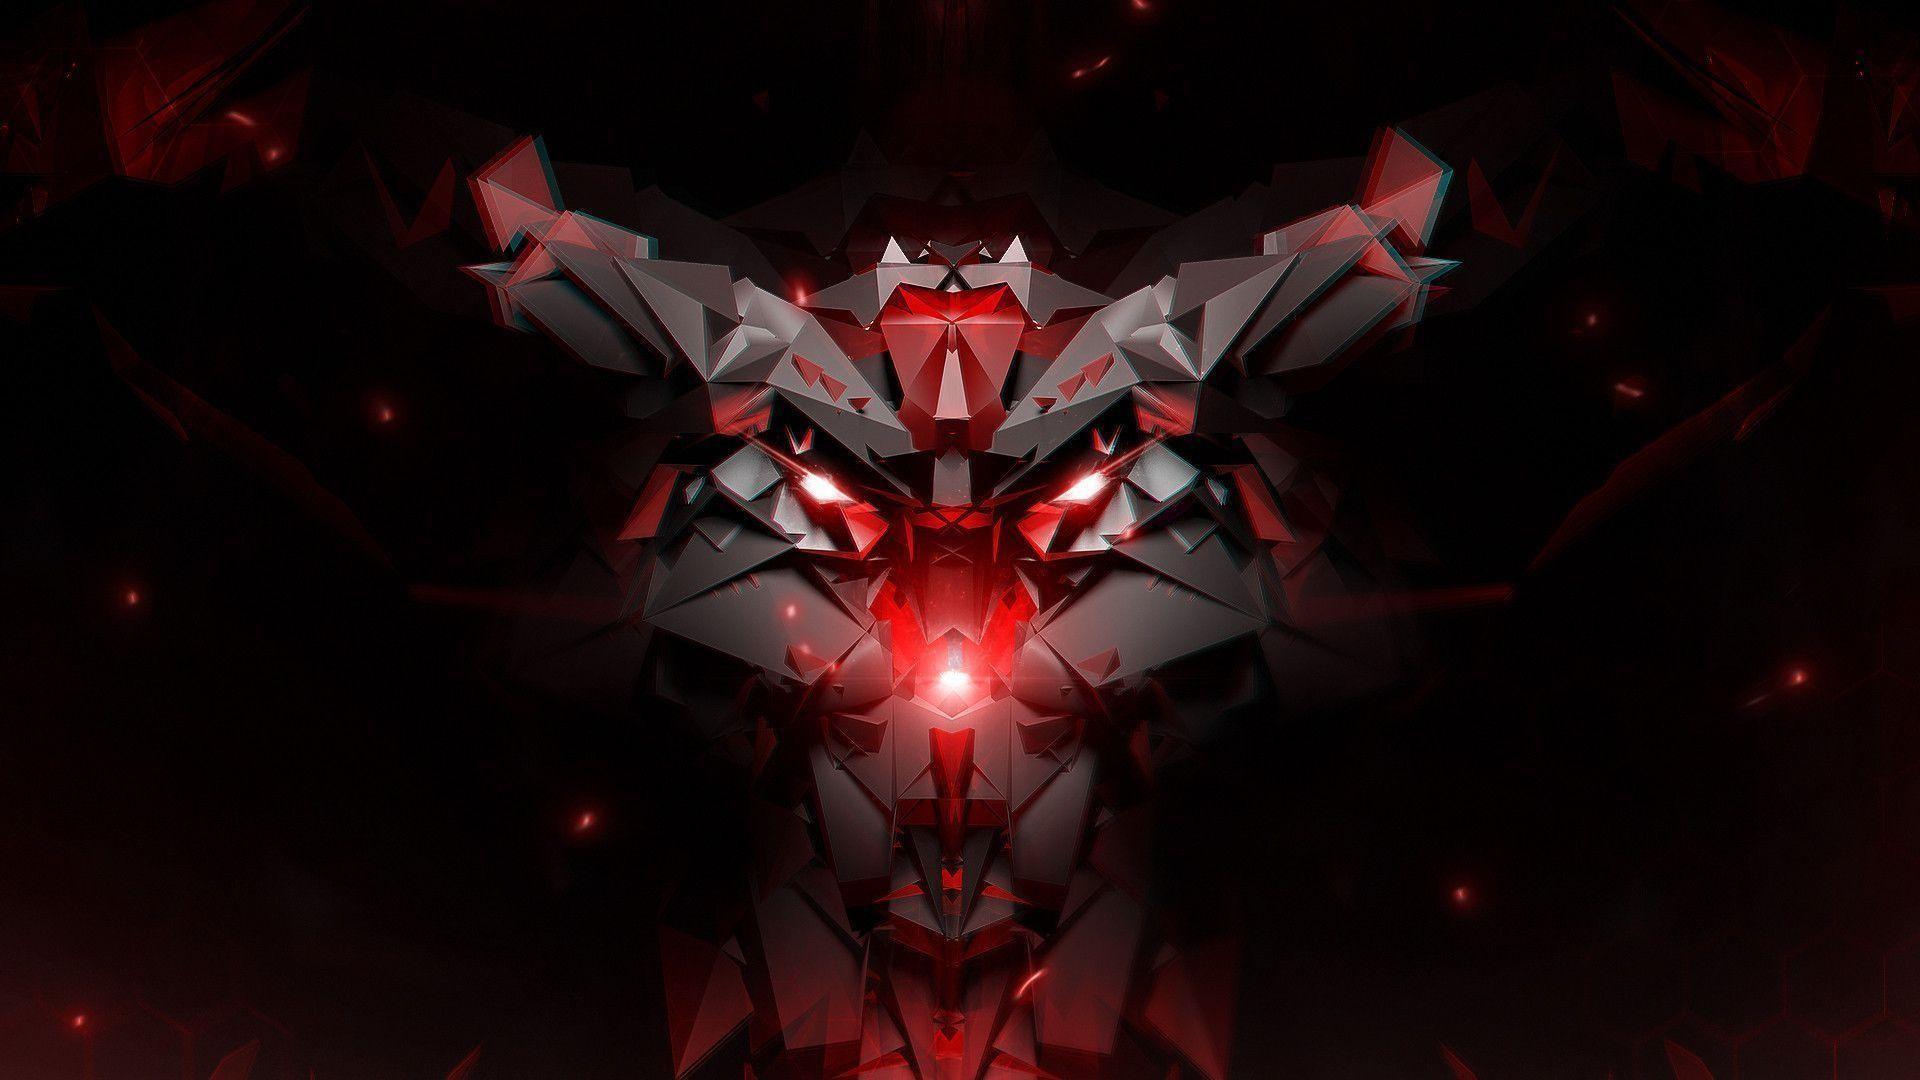 Dark Red Abstract Desktop HD Wallpaper Desktop – Beraplan.